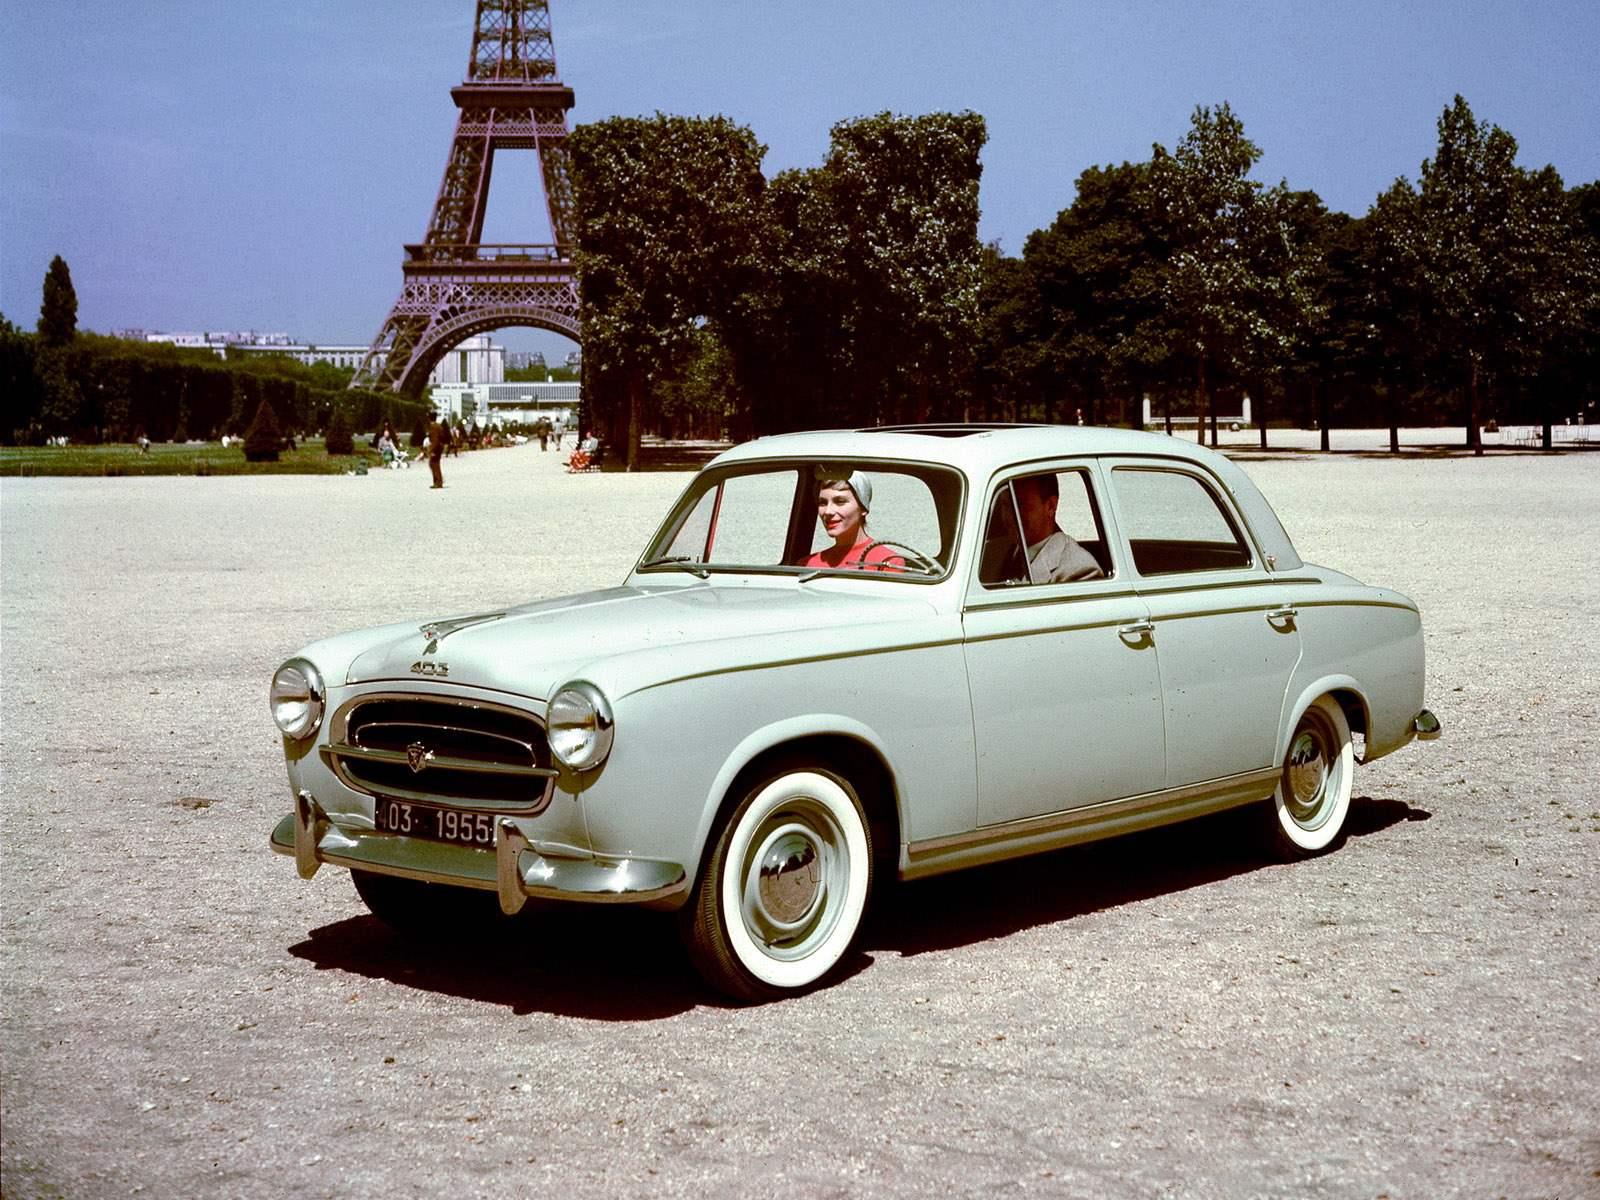 PEUGEOT 403 выпуска 1955 года — с нею началось сотрудничество фирмы Peugeot и кузовного дизайнера Фарины по прозвищу «Пинин»